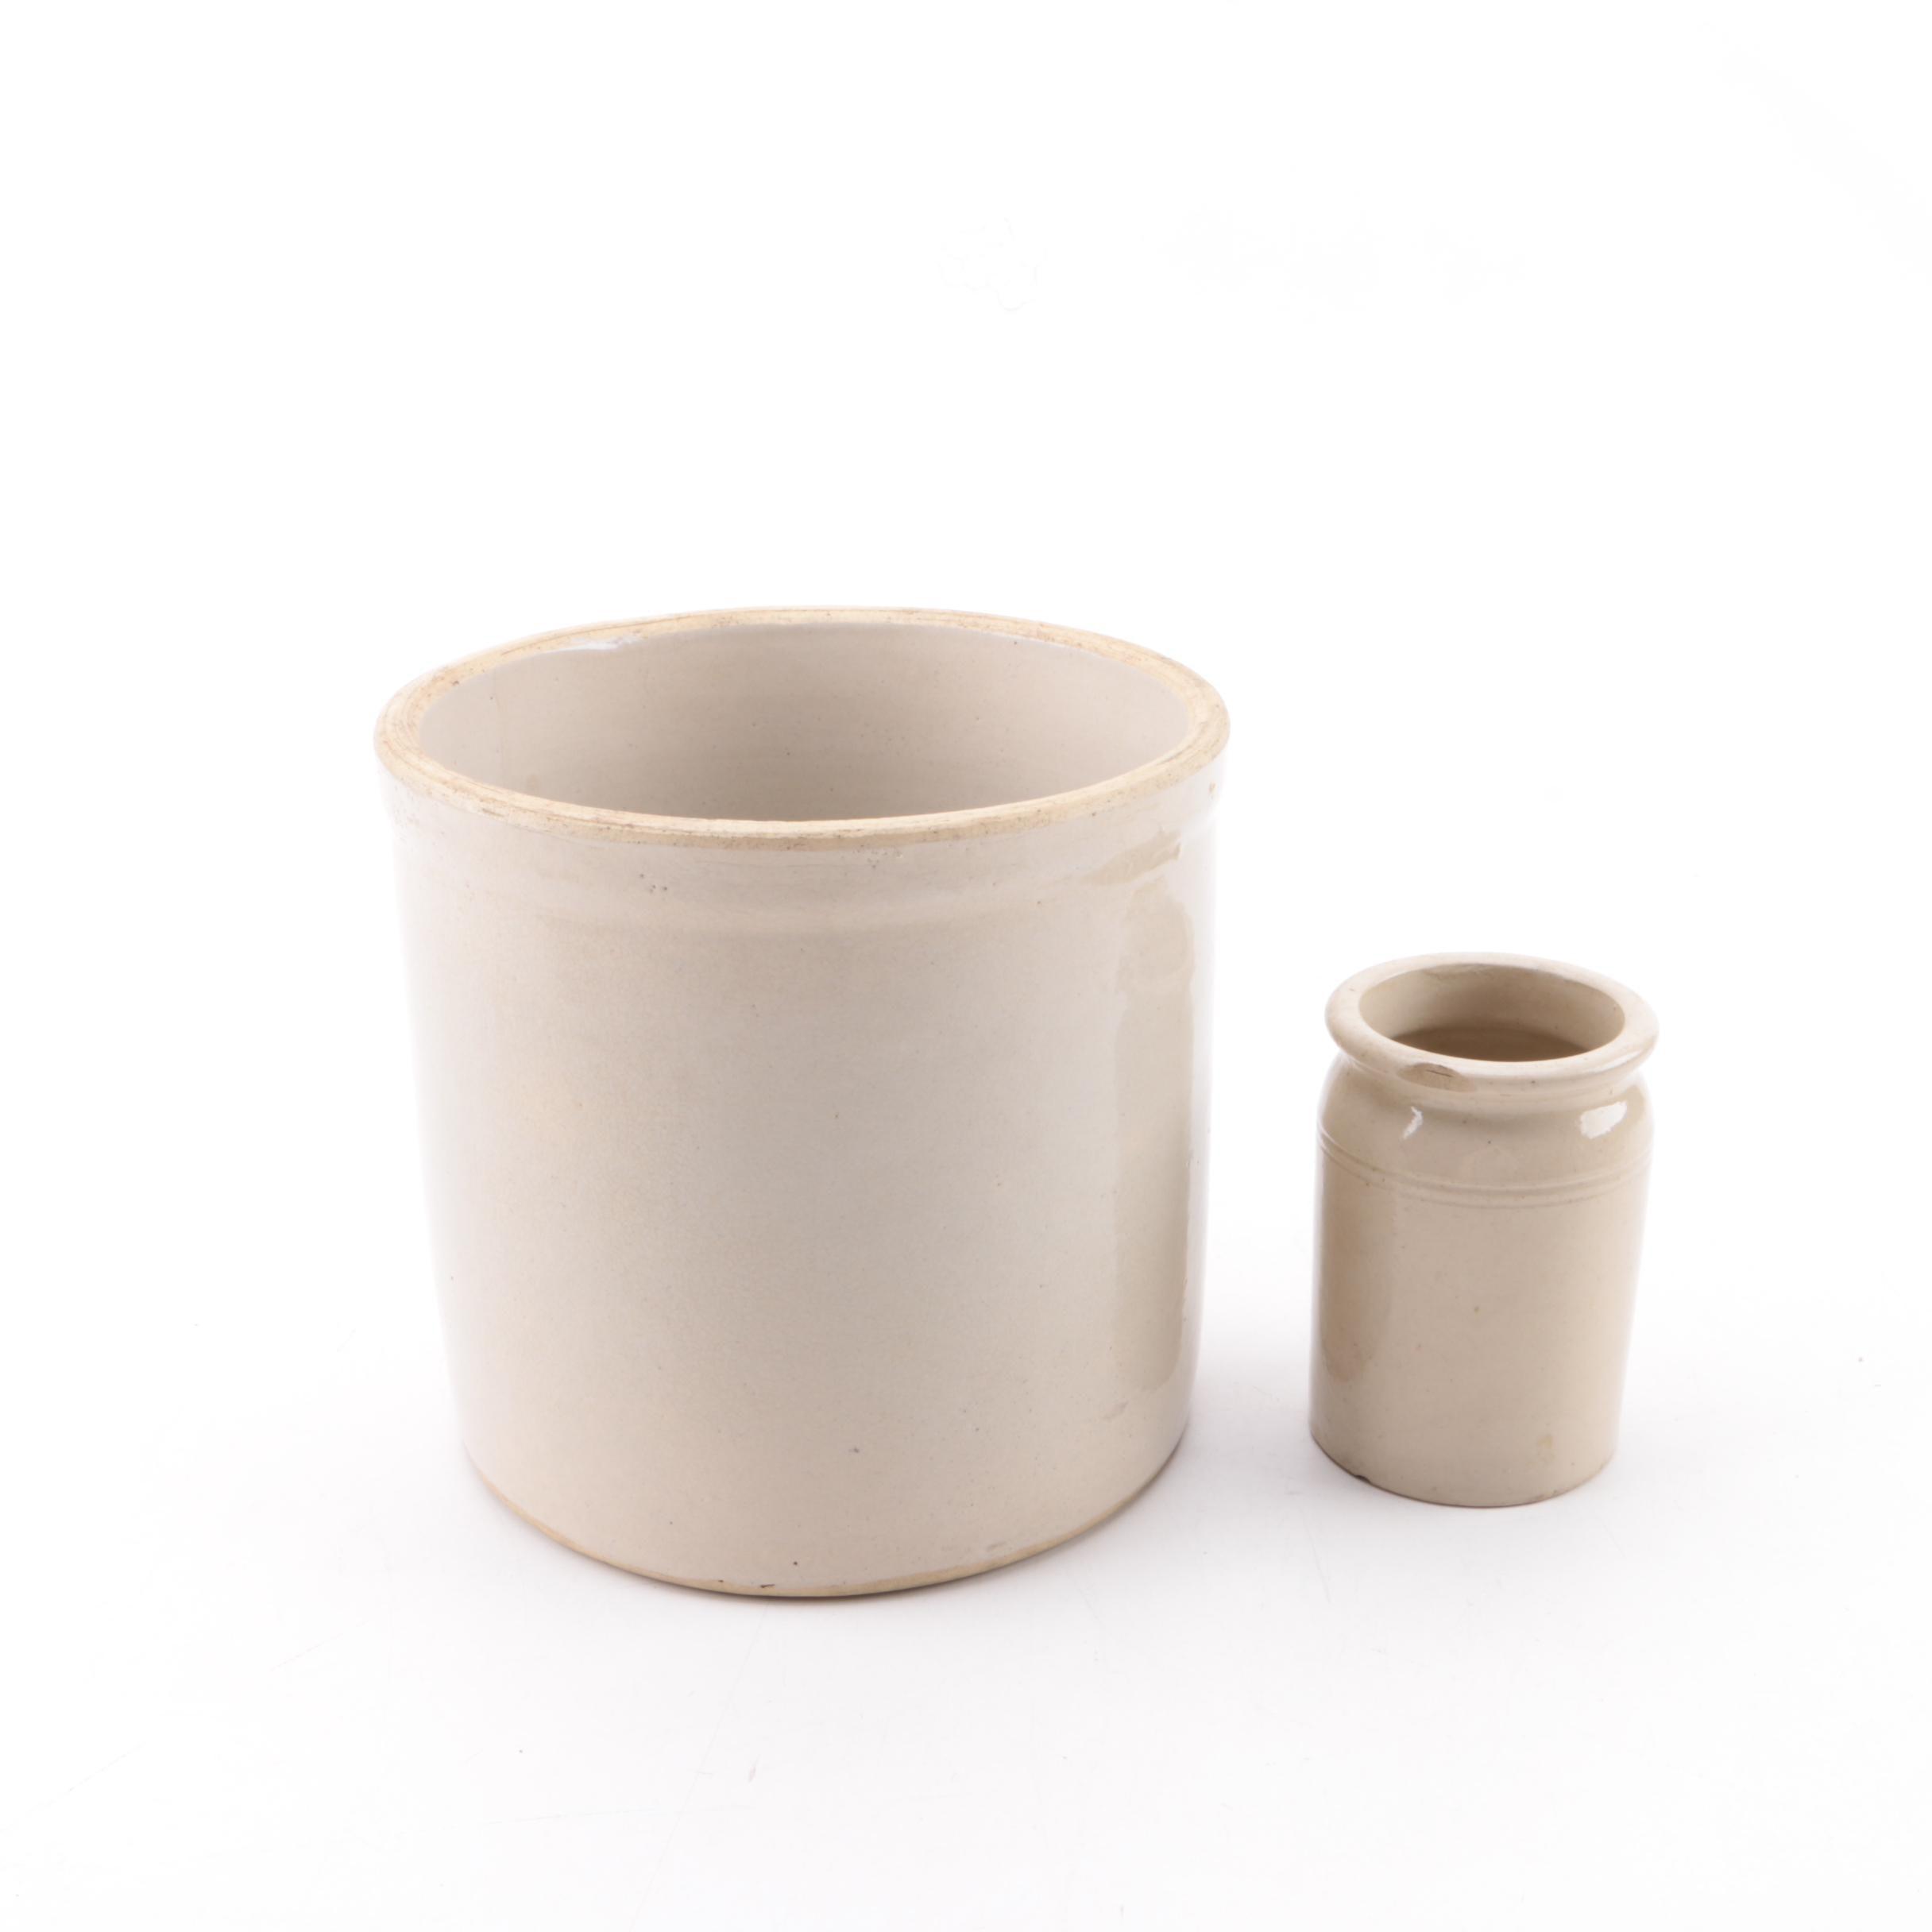 Vintage Stoneware Crocks